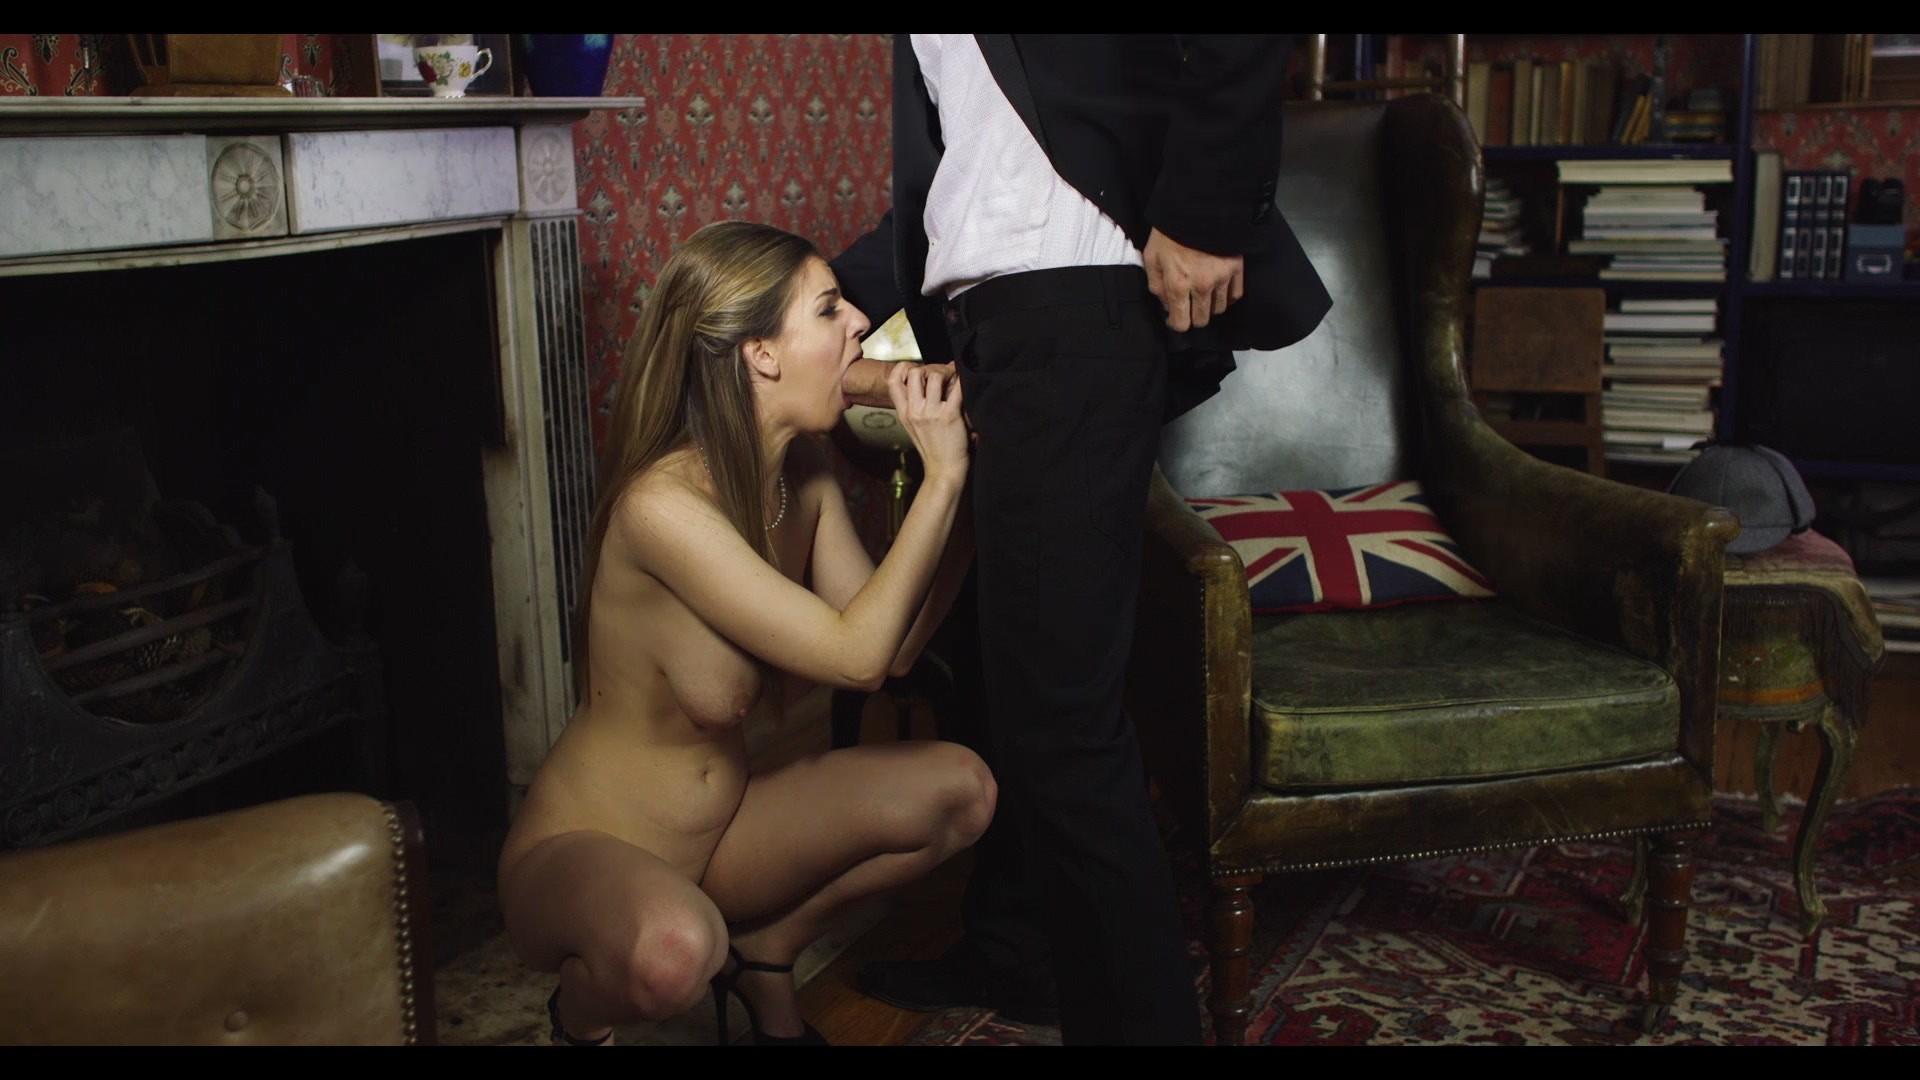 image Xxx porn video sherlock a xxx parody episode 1